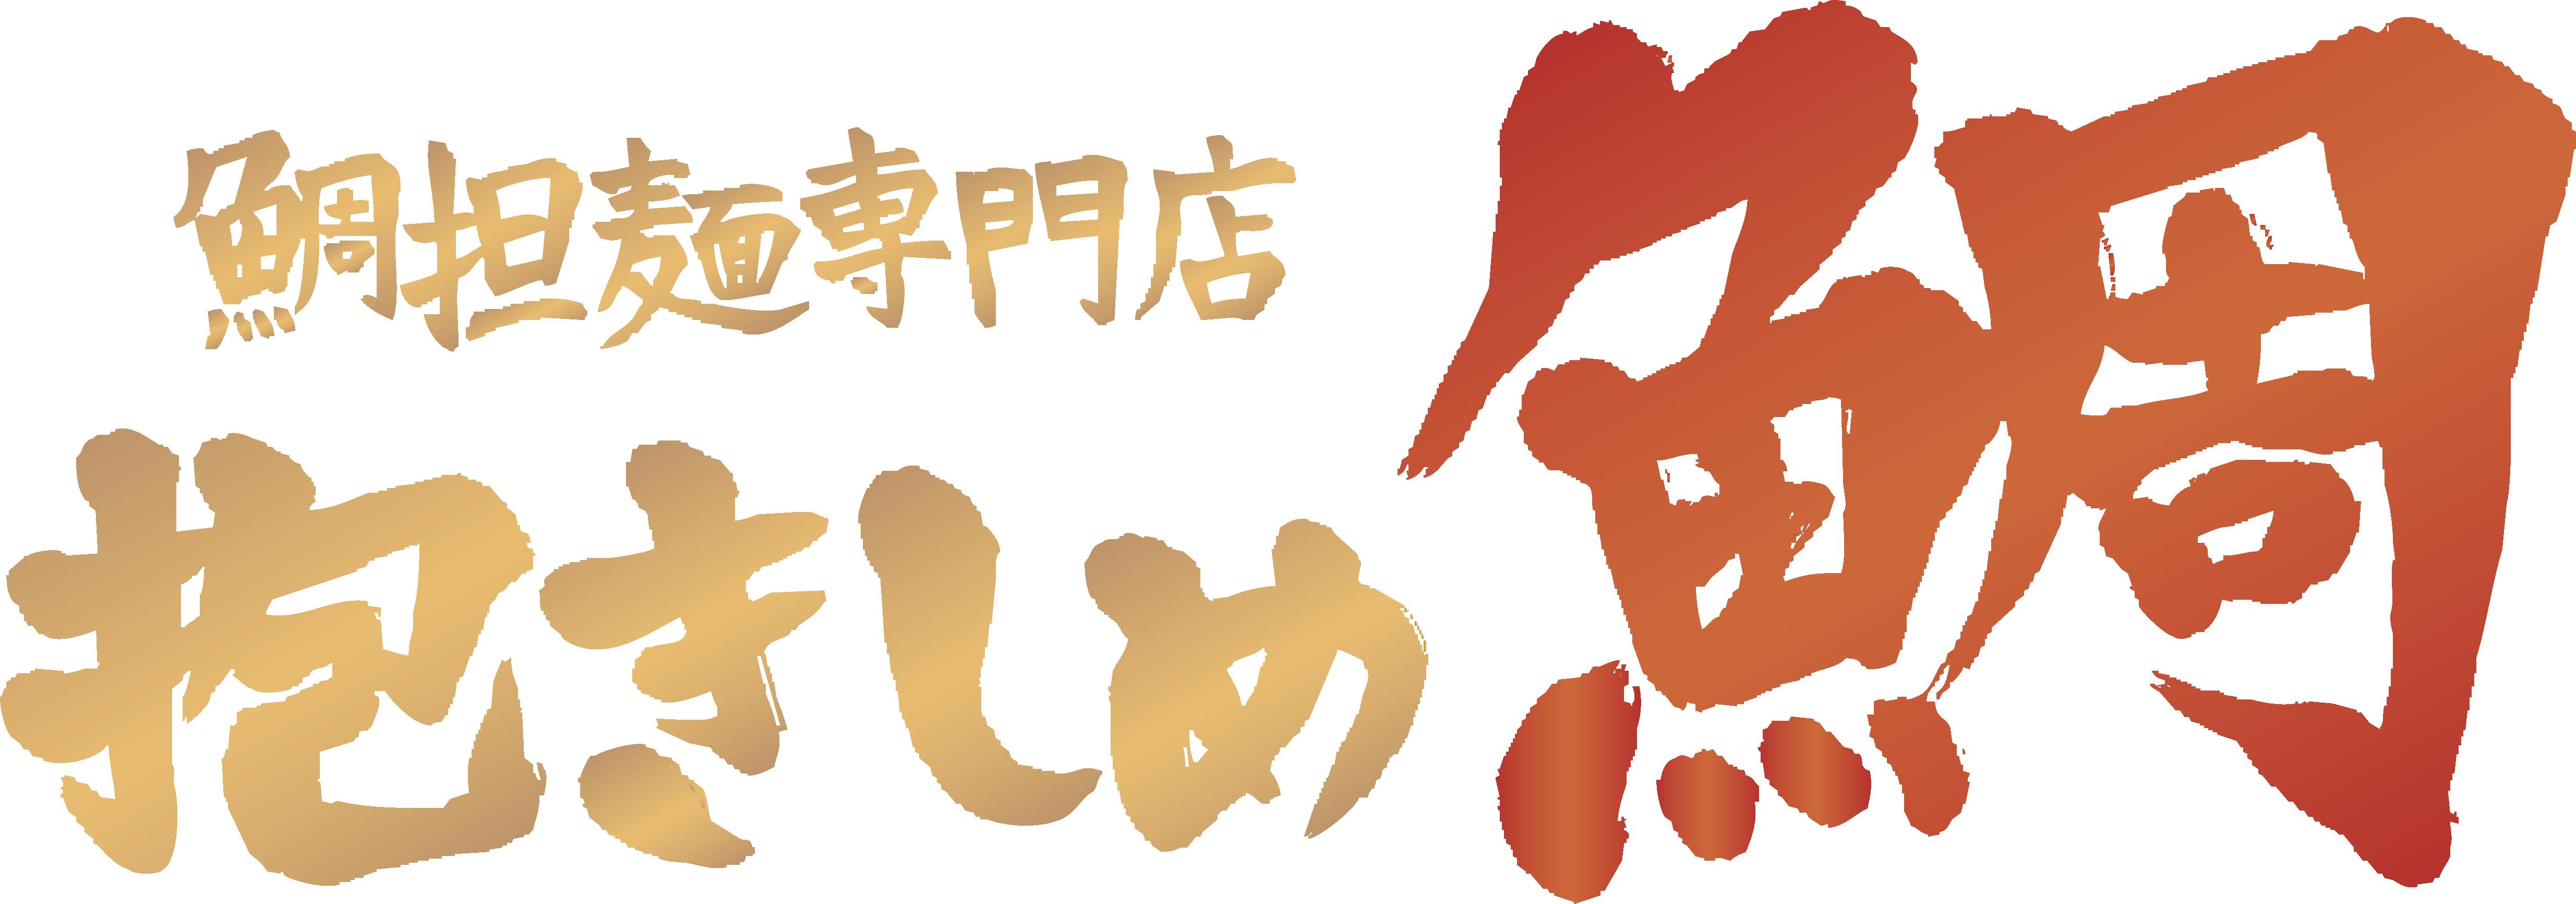 Dakiahimetai Higobashi sea bream noodle specialty store